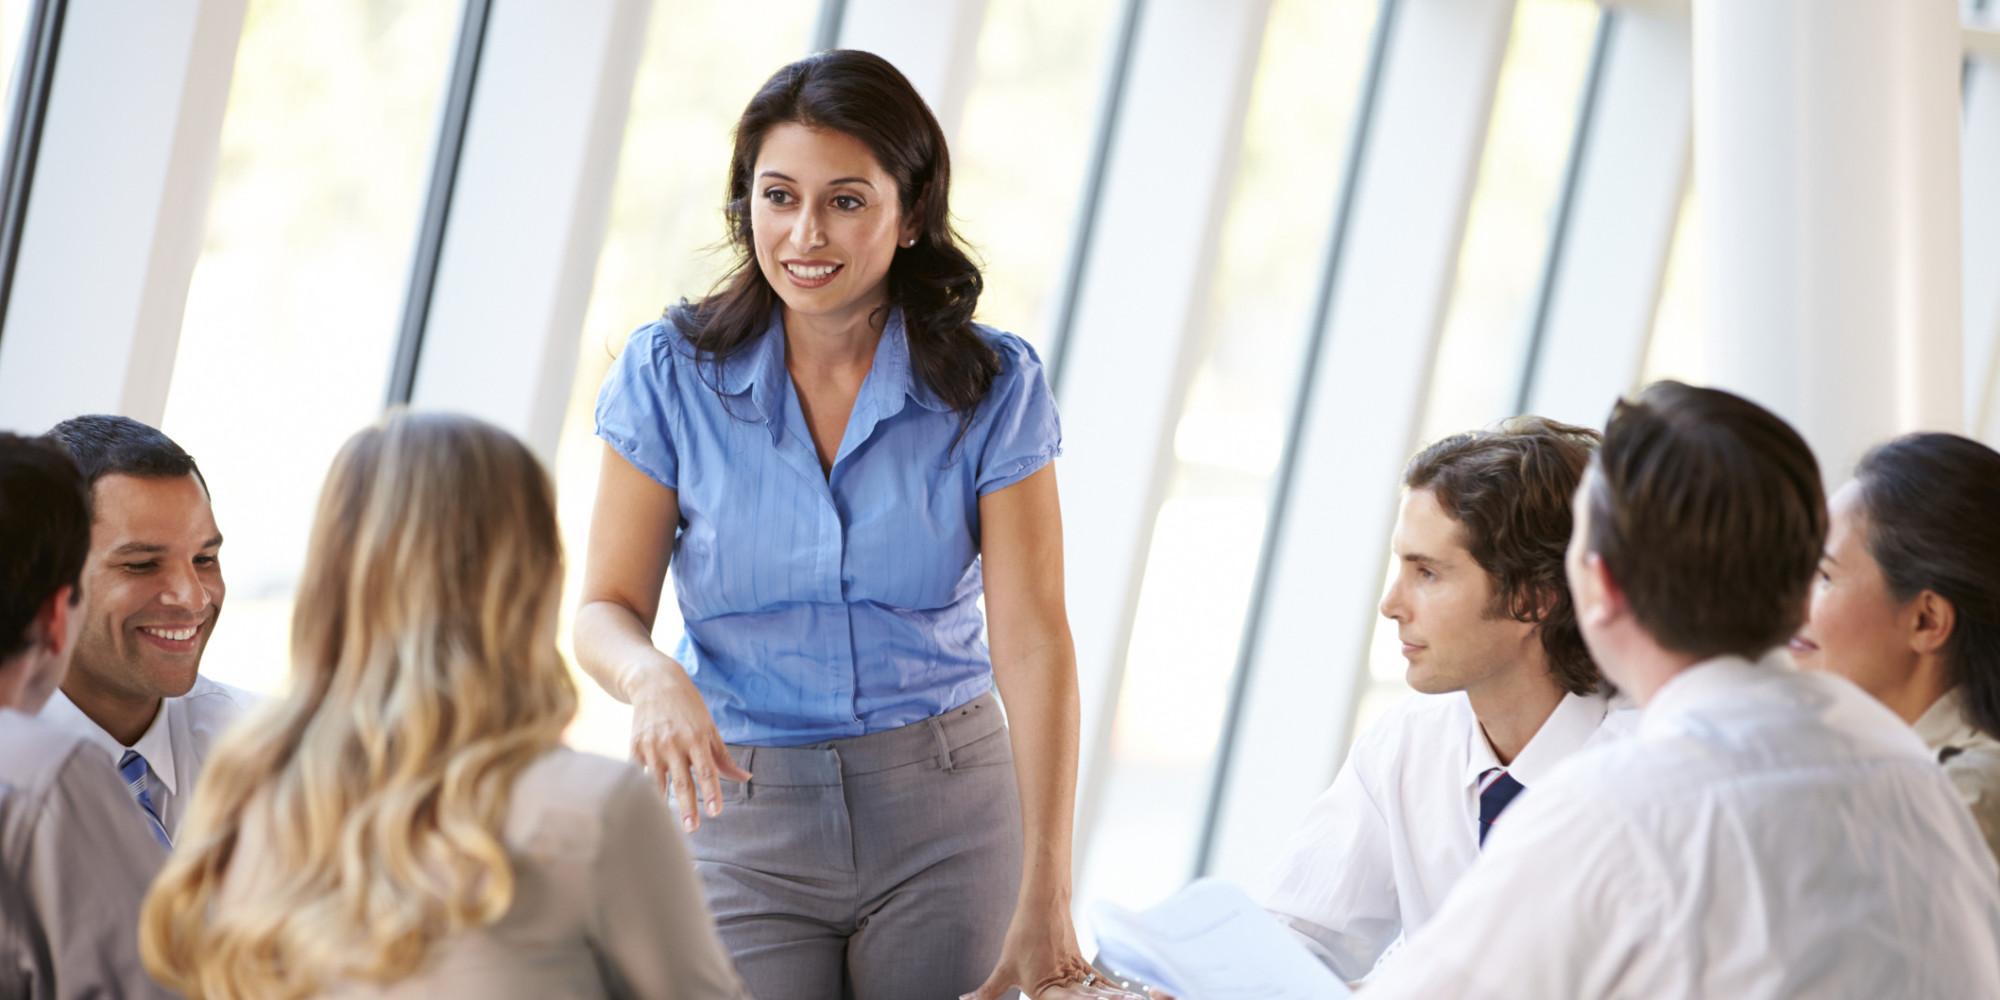 Como trabalhar a sinceridade no trabalho?